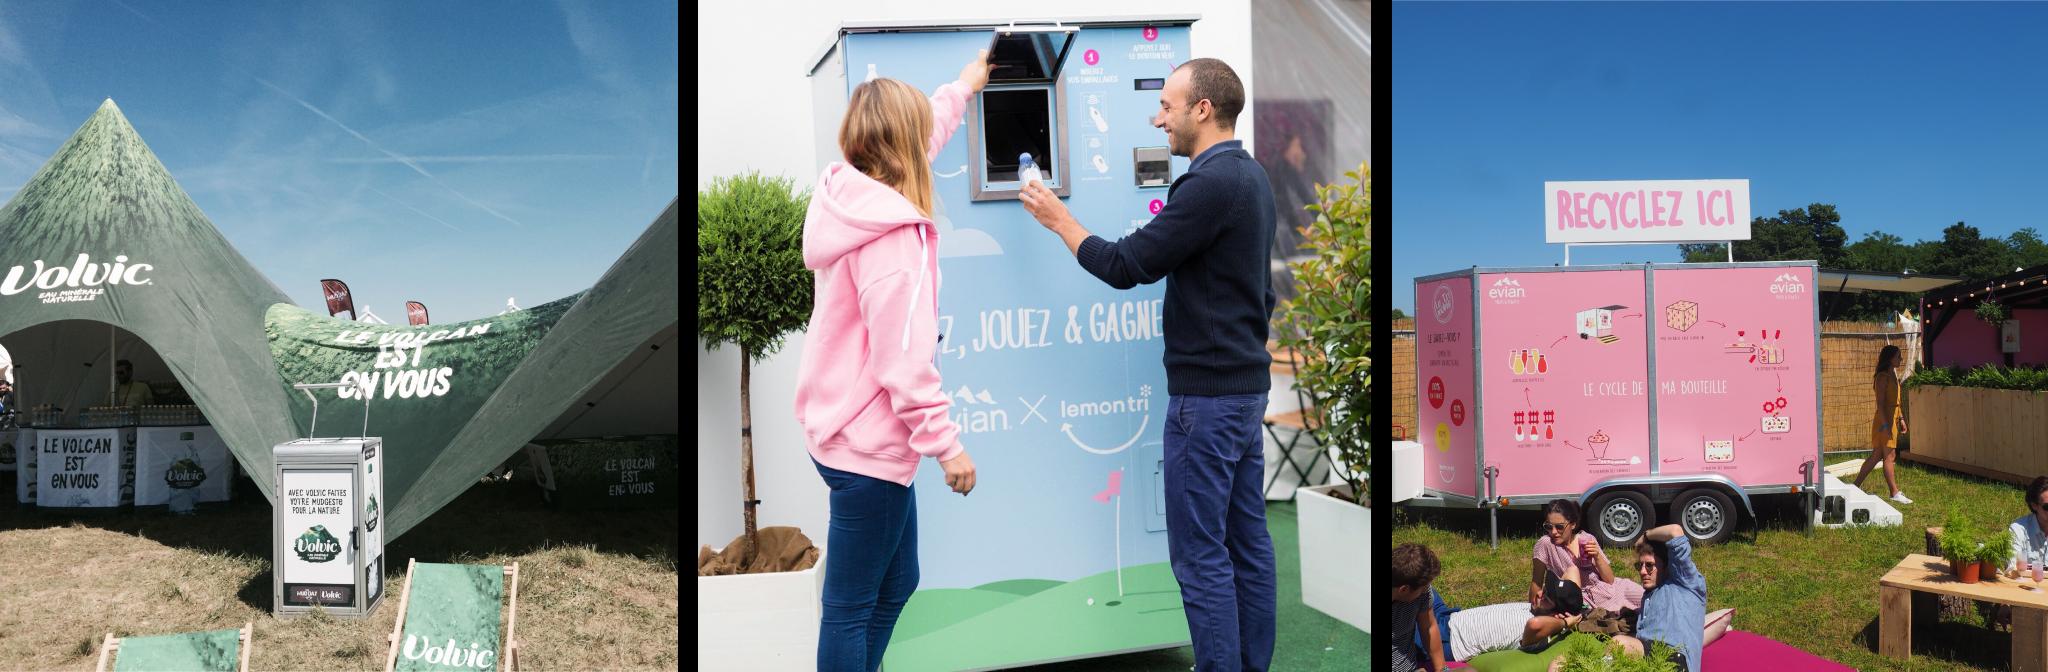 Recycler dans un évènement